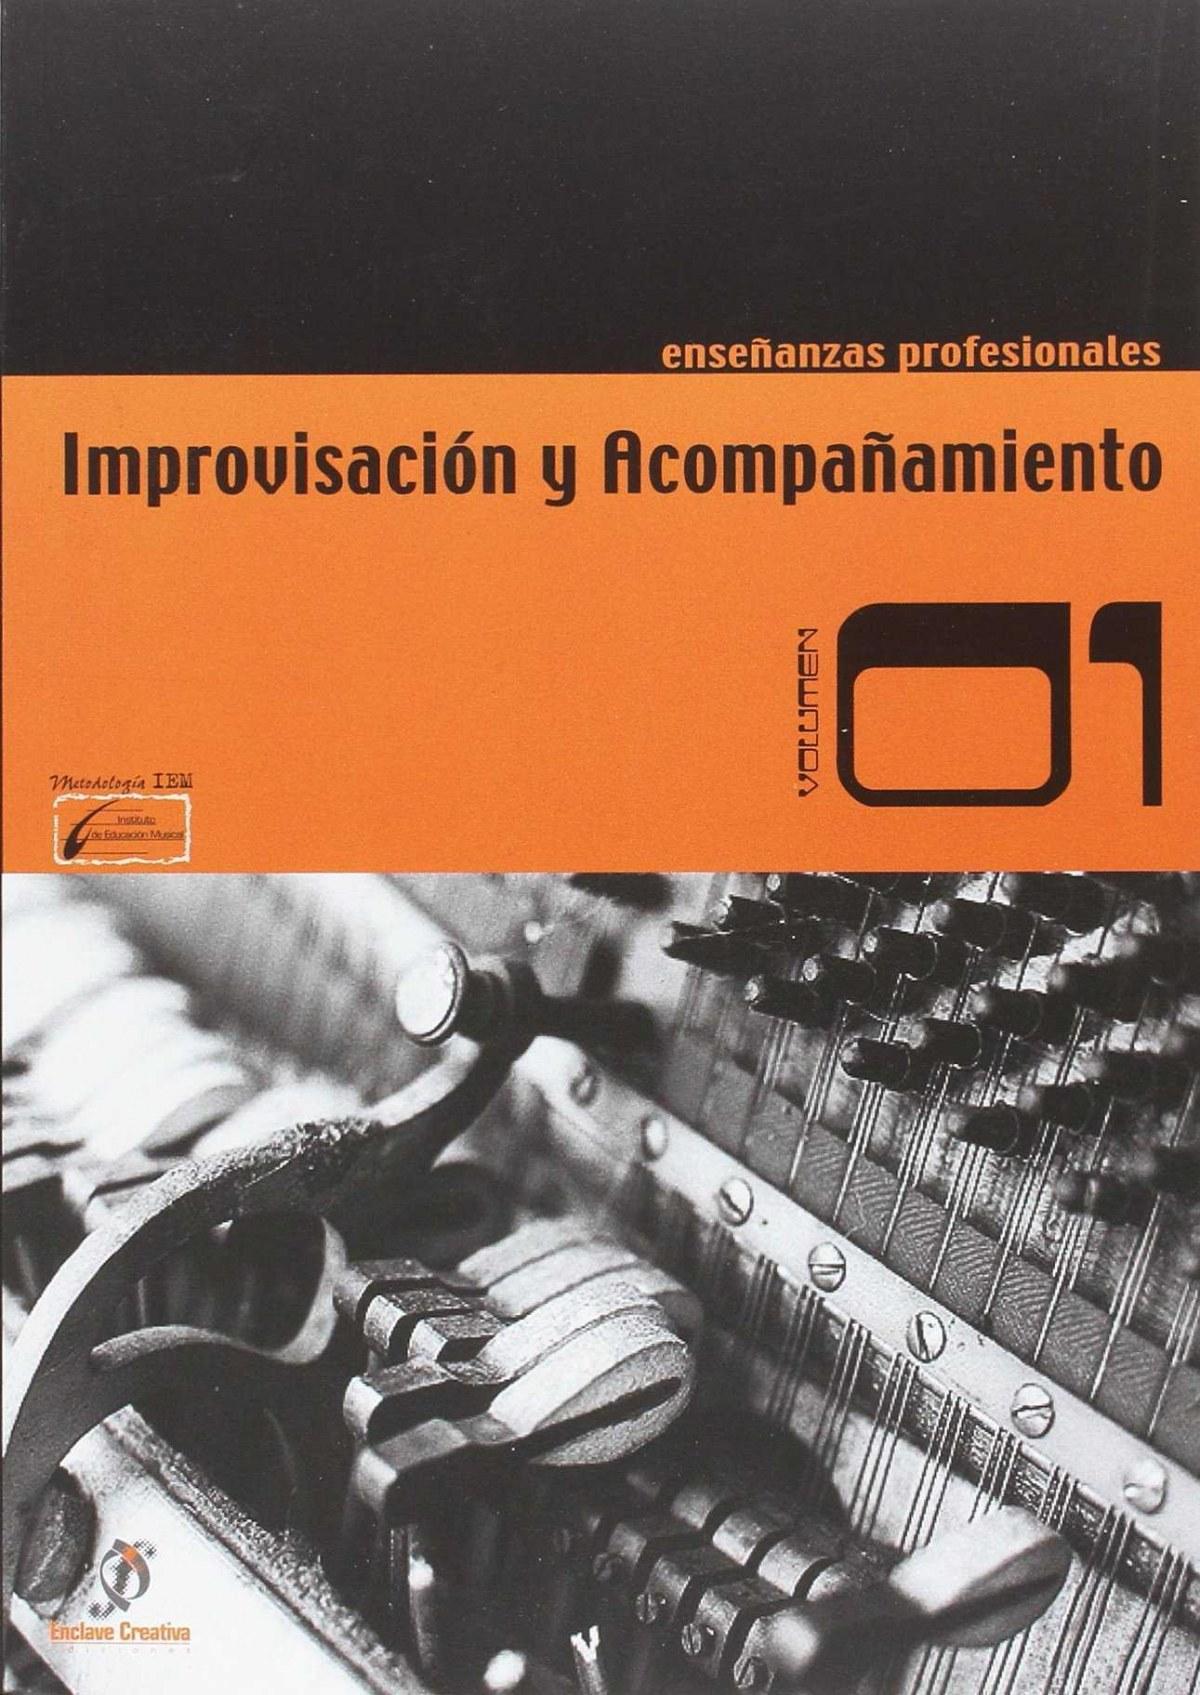 Improvisación y acompañamiento